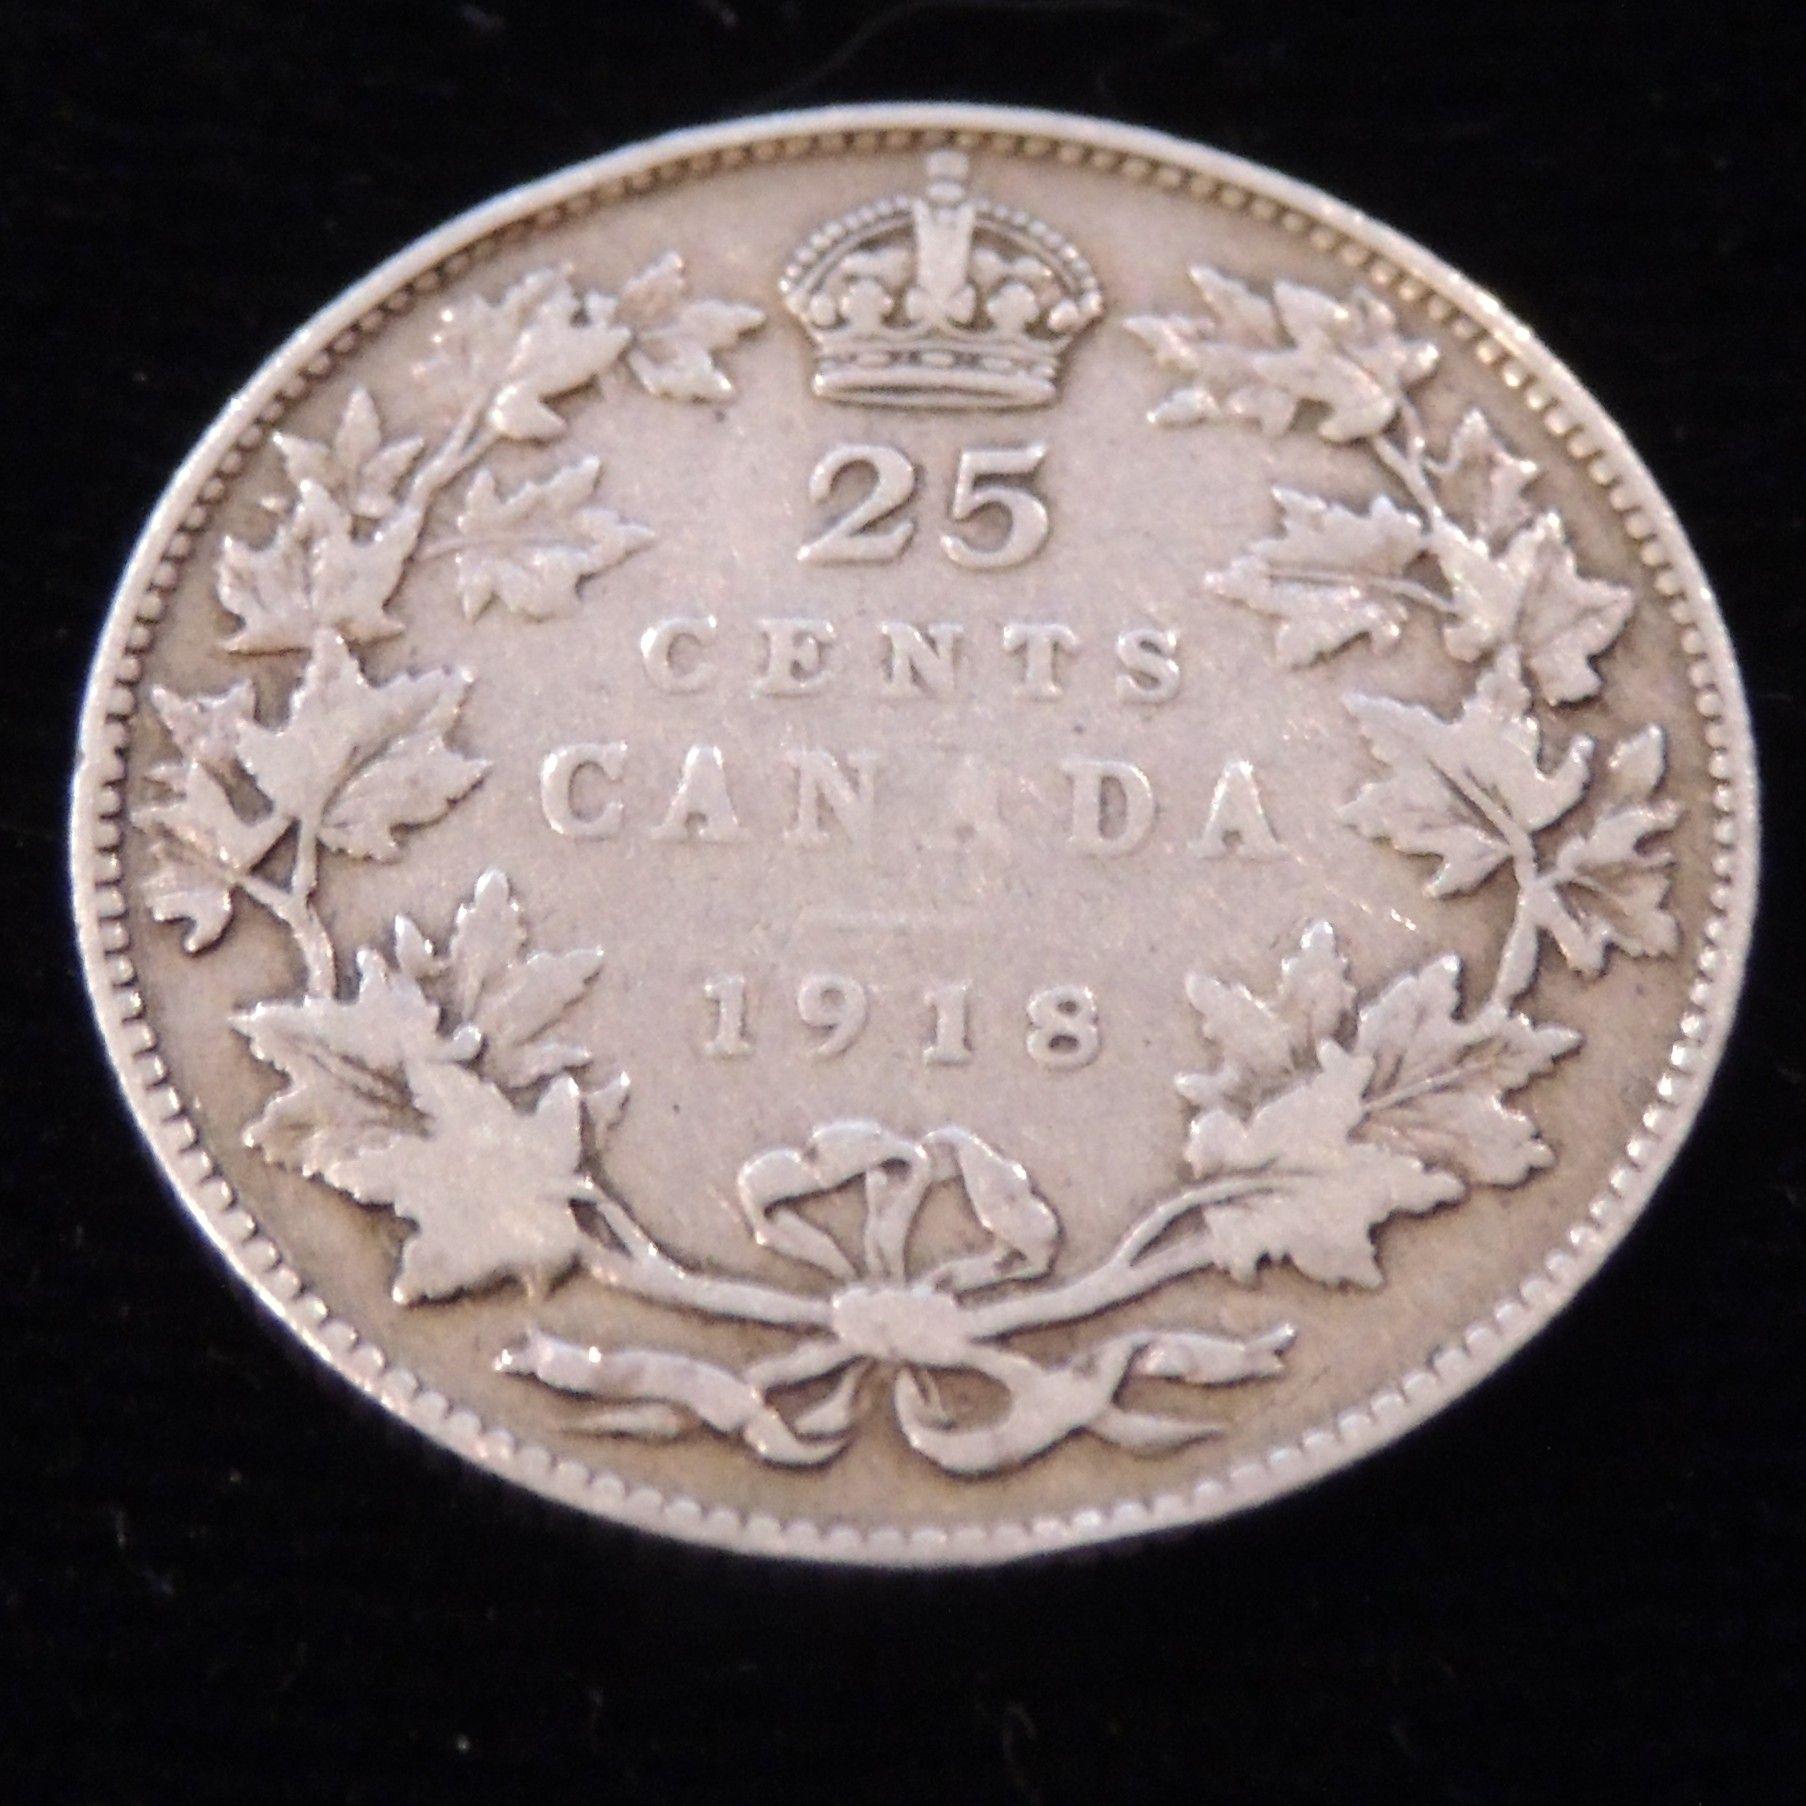 1920 Canada Silver Nickel Graded as Fine